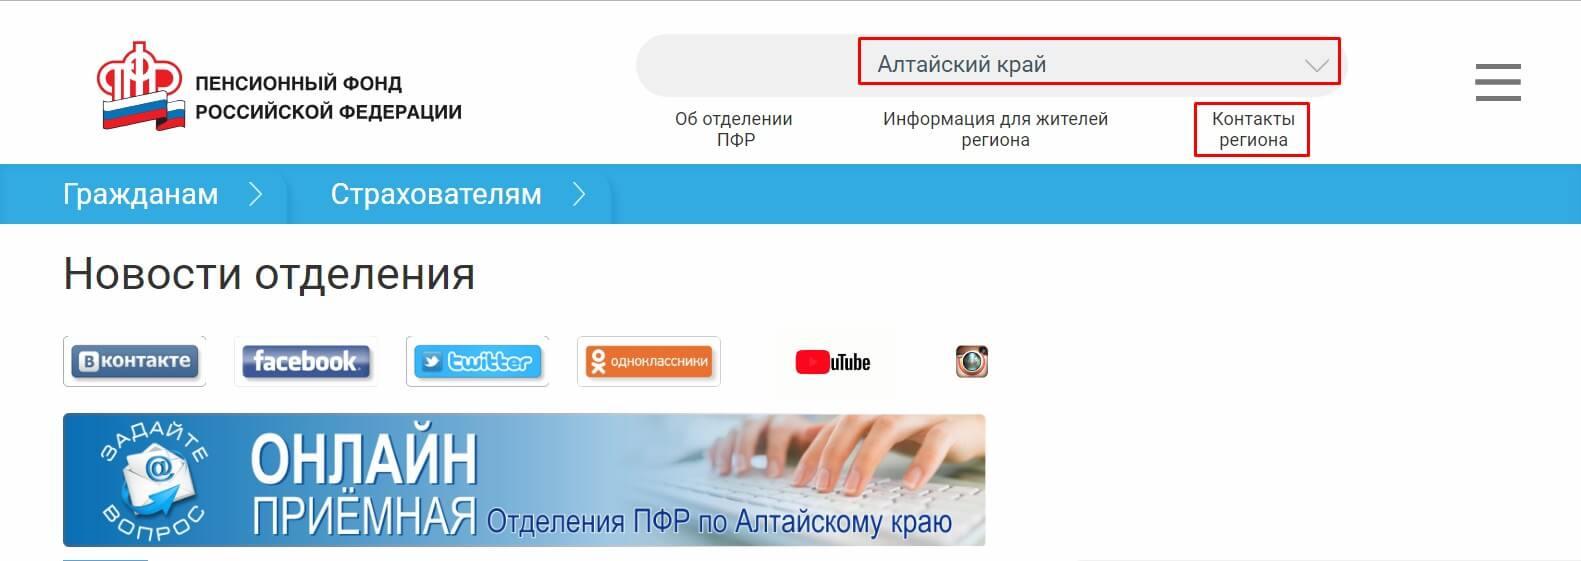 Пенсионный фонд в Косихинском районе